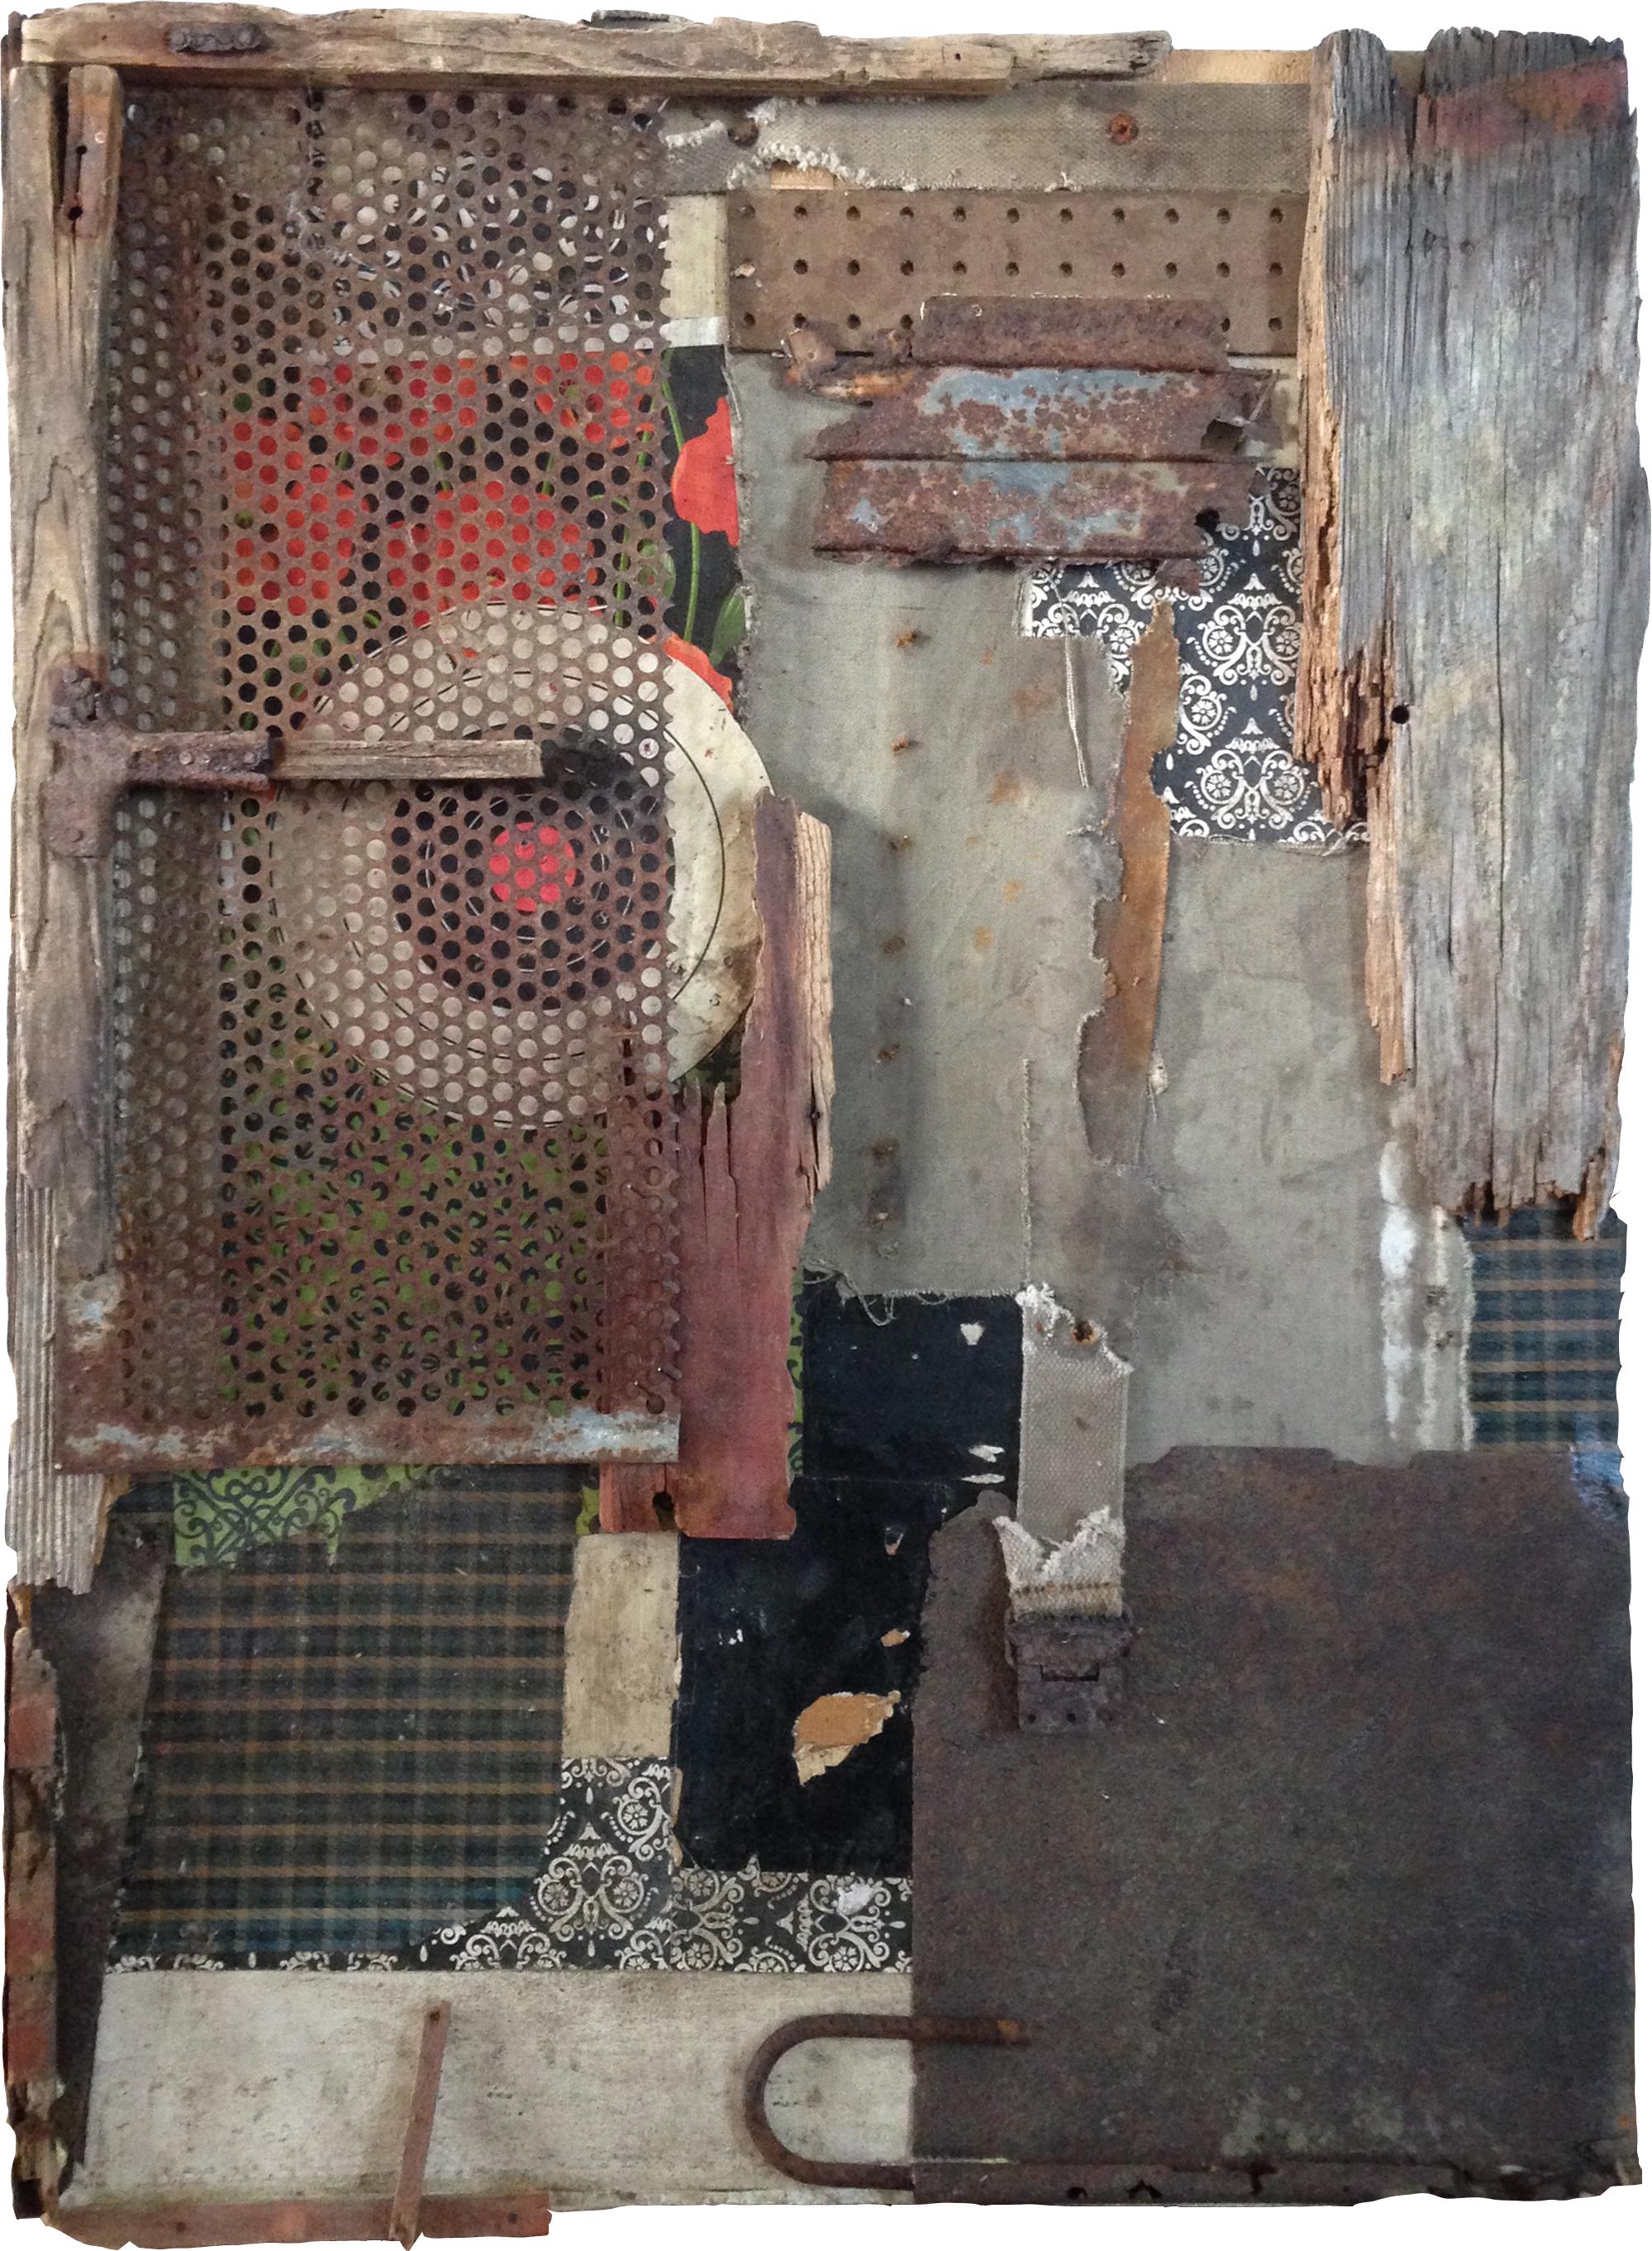 vintage industrial art by